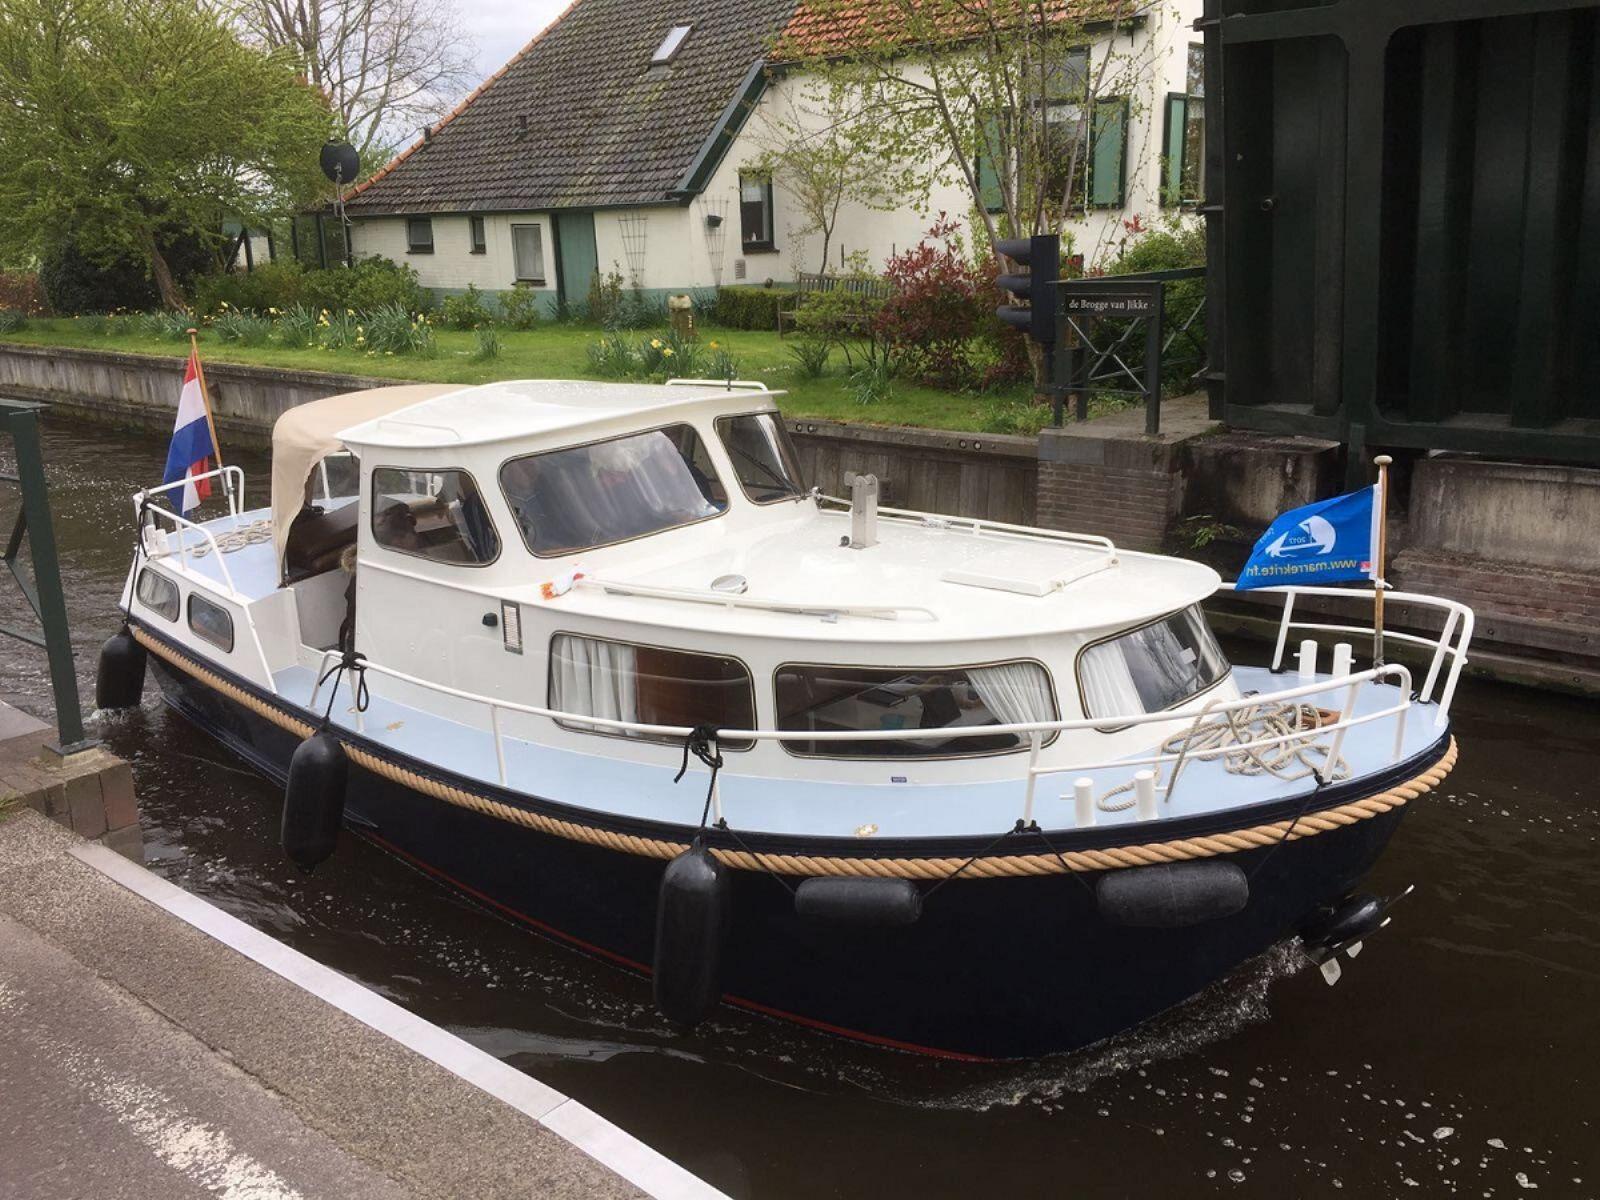 yachtcharter op een unieke locatie in Friesland